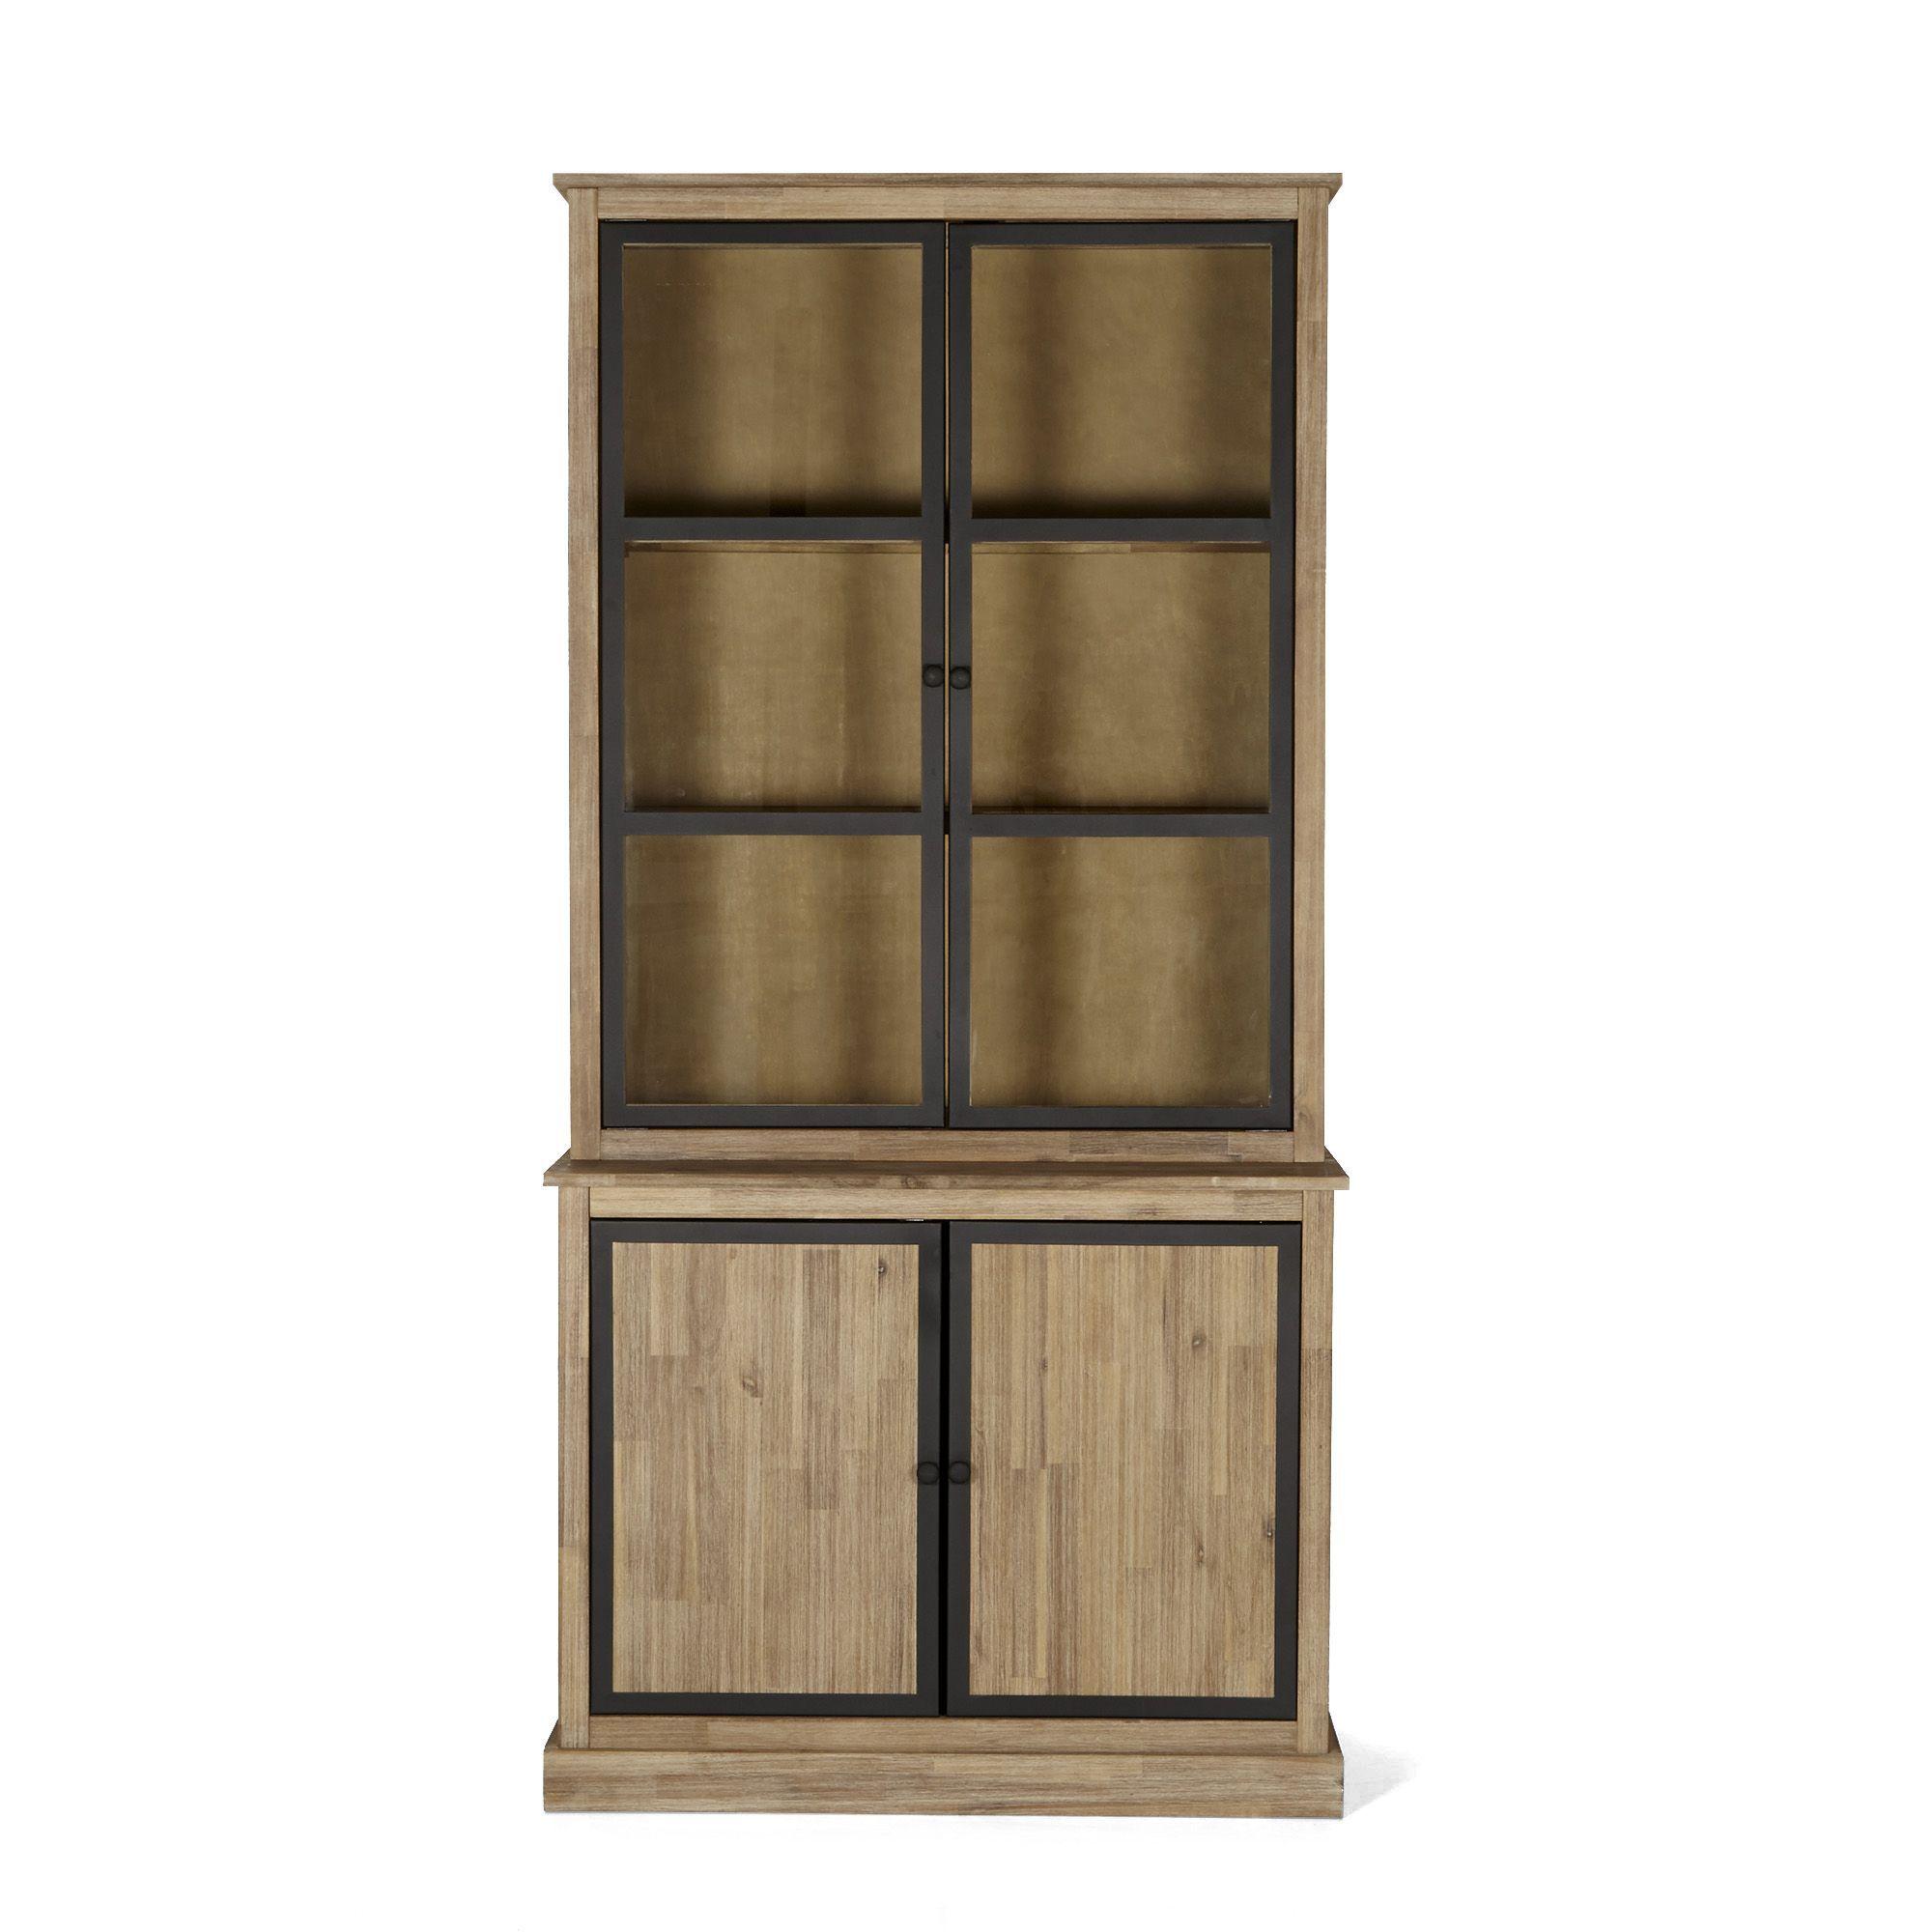 Meuble double vitrine style industriel brun blanchi cocto les vaisseliers buffets et - Salon salle a manger style industriel ...